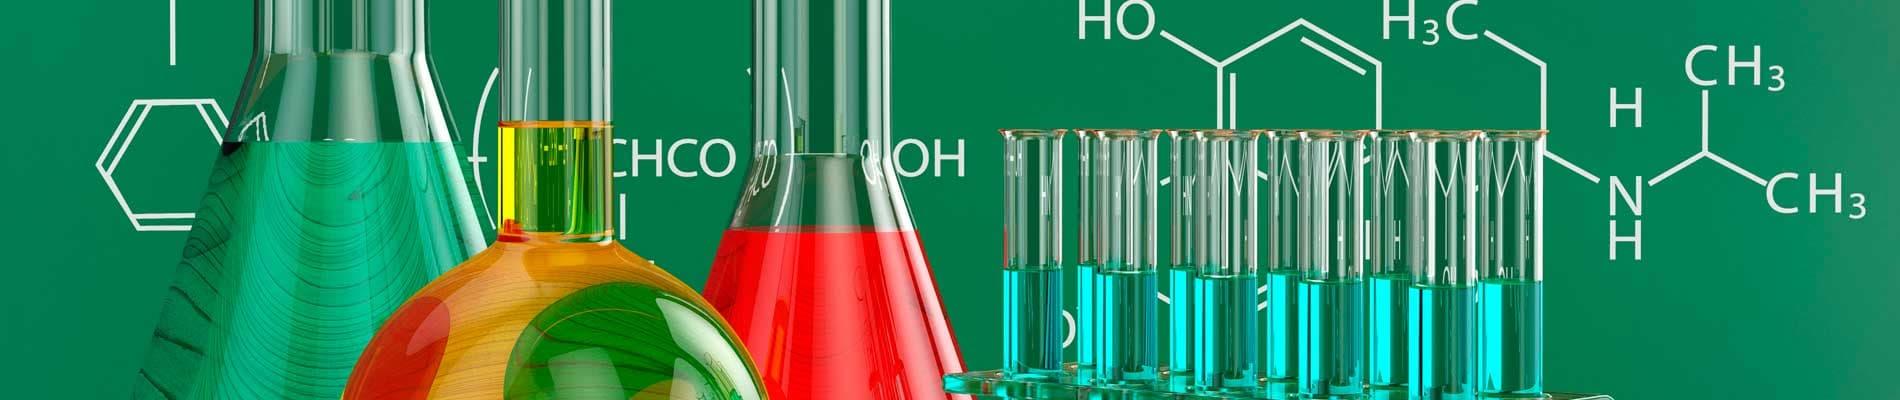 Química i bioquímica